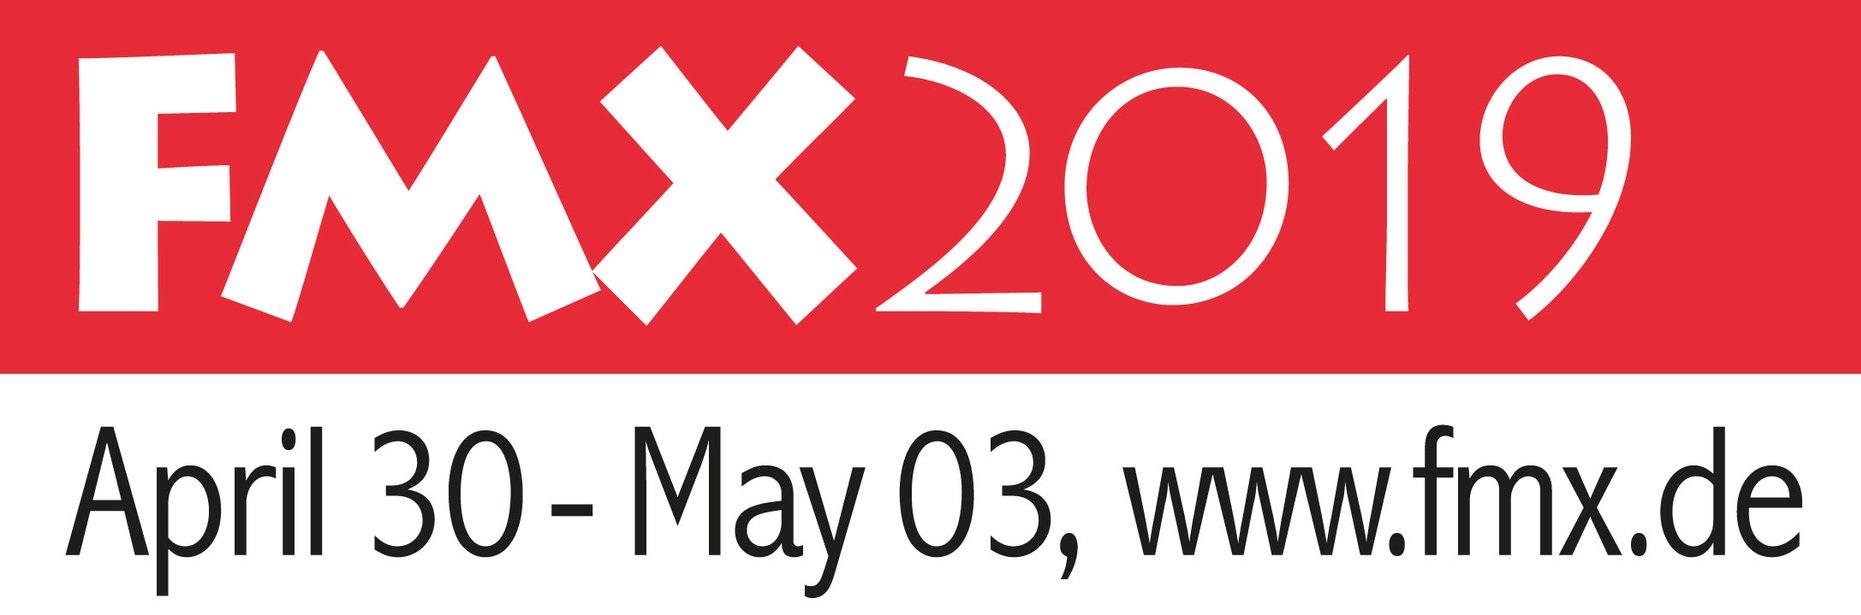 FMX-2019